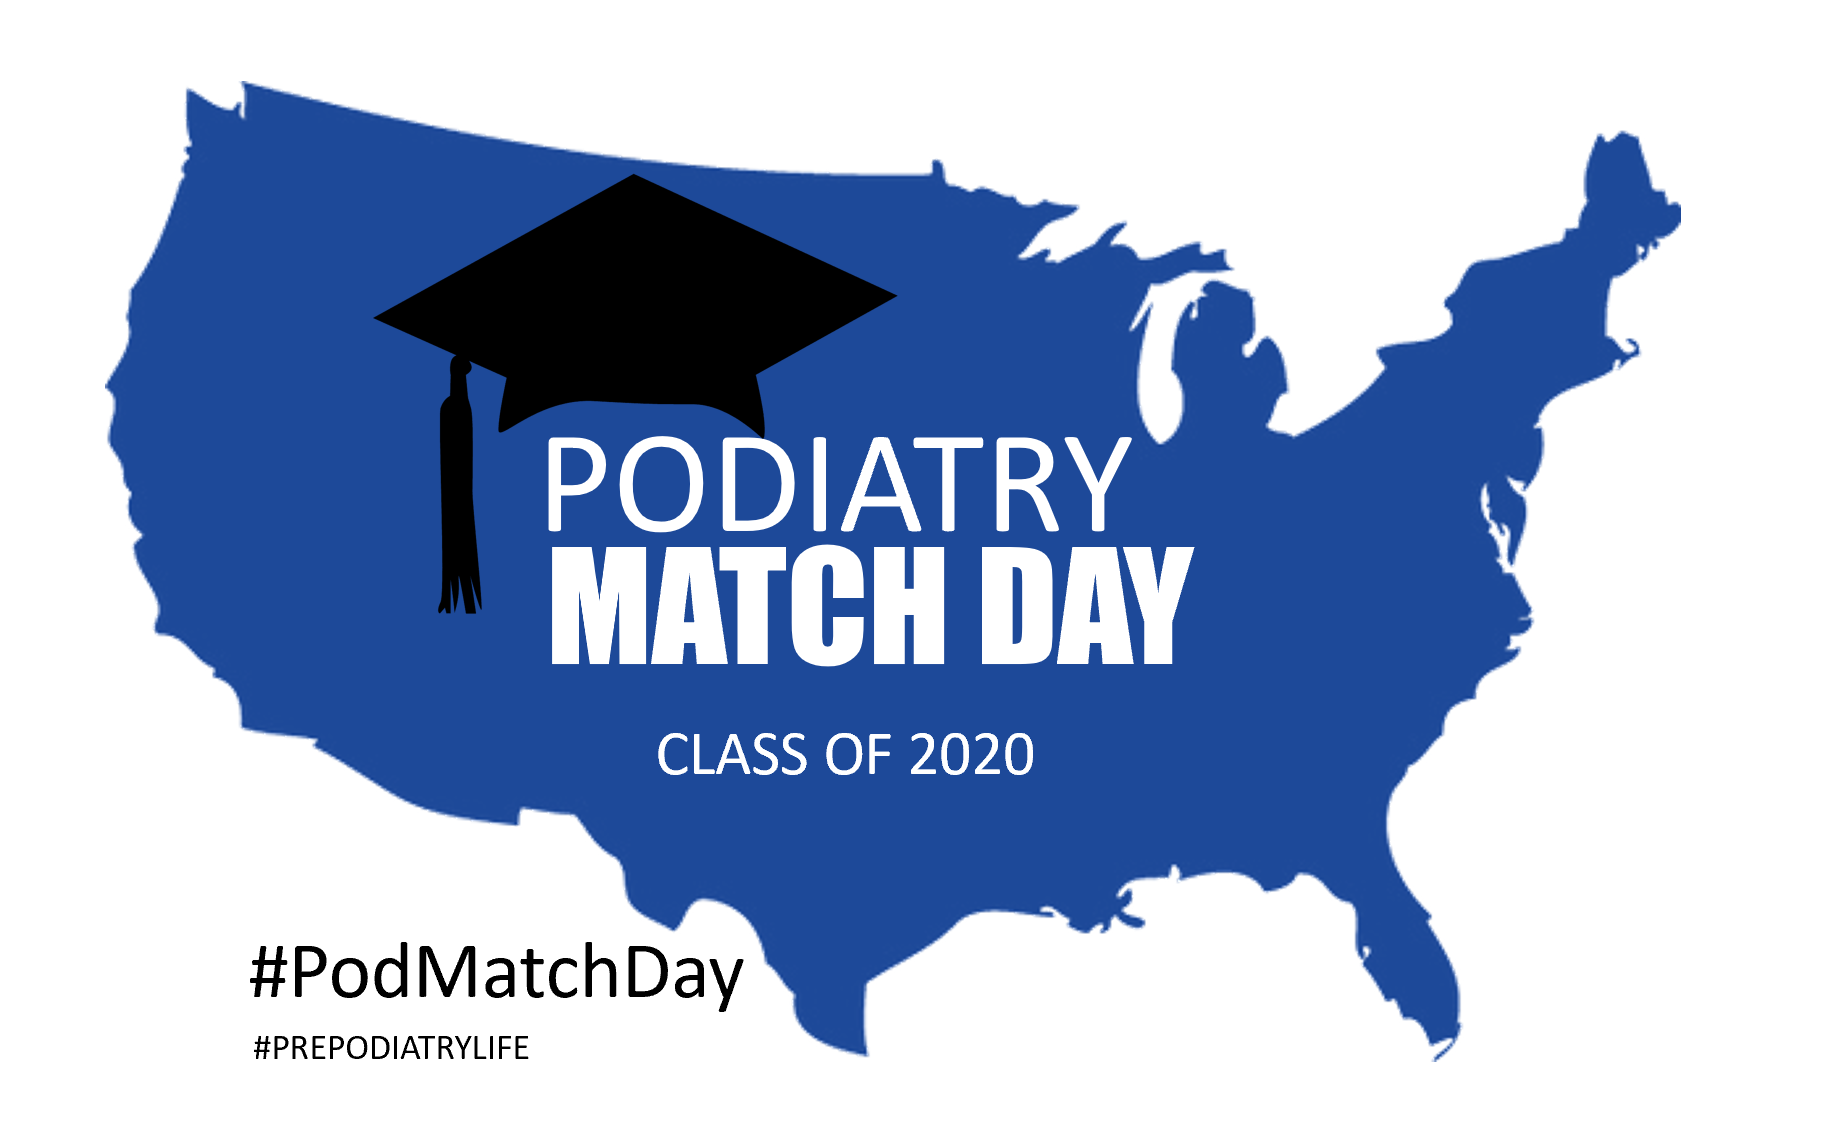 Match day 2020